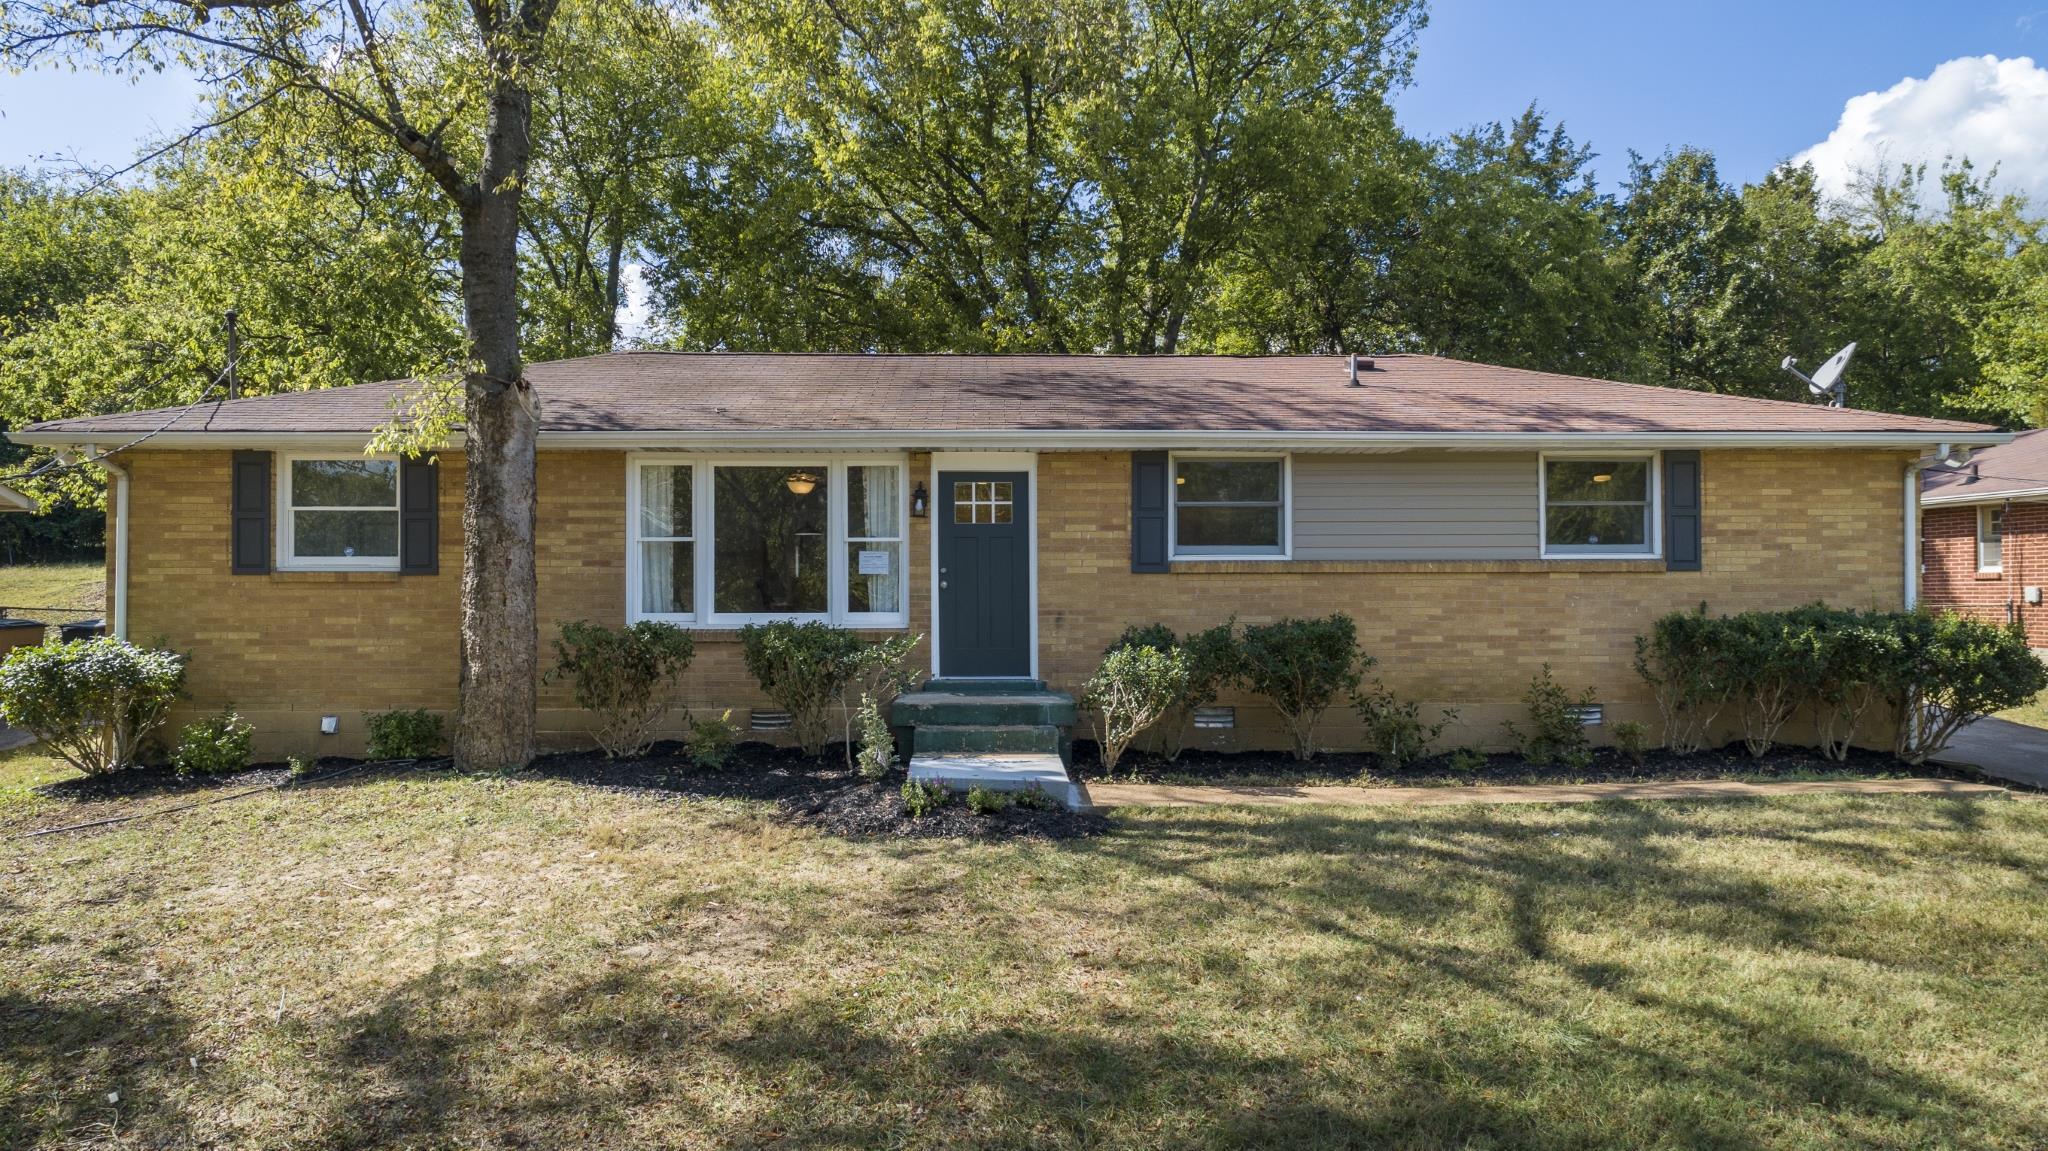 3209 Leswood Ln, Nashville, TN 37207 - Nashville, TN real estate listing